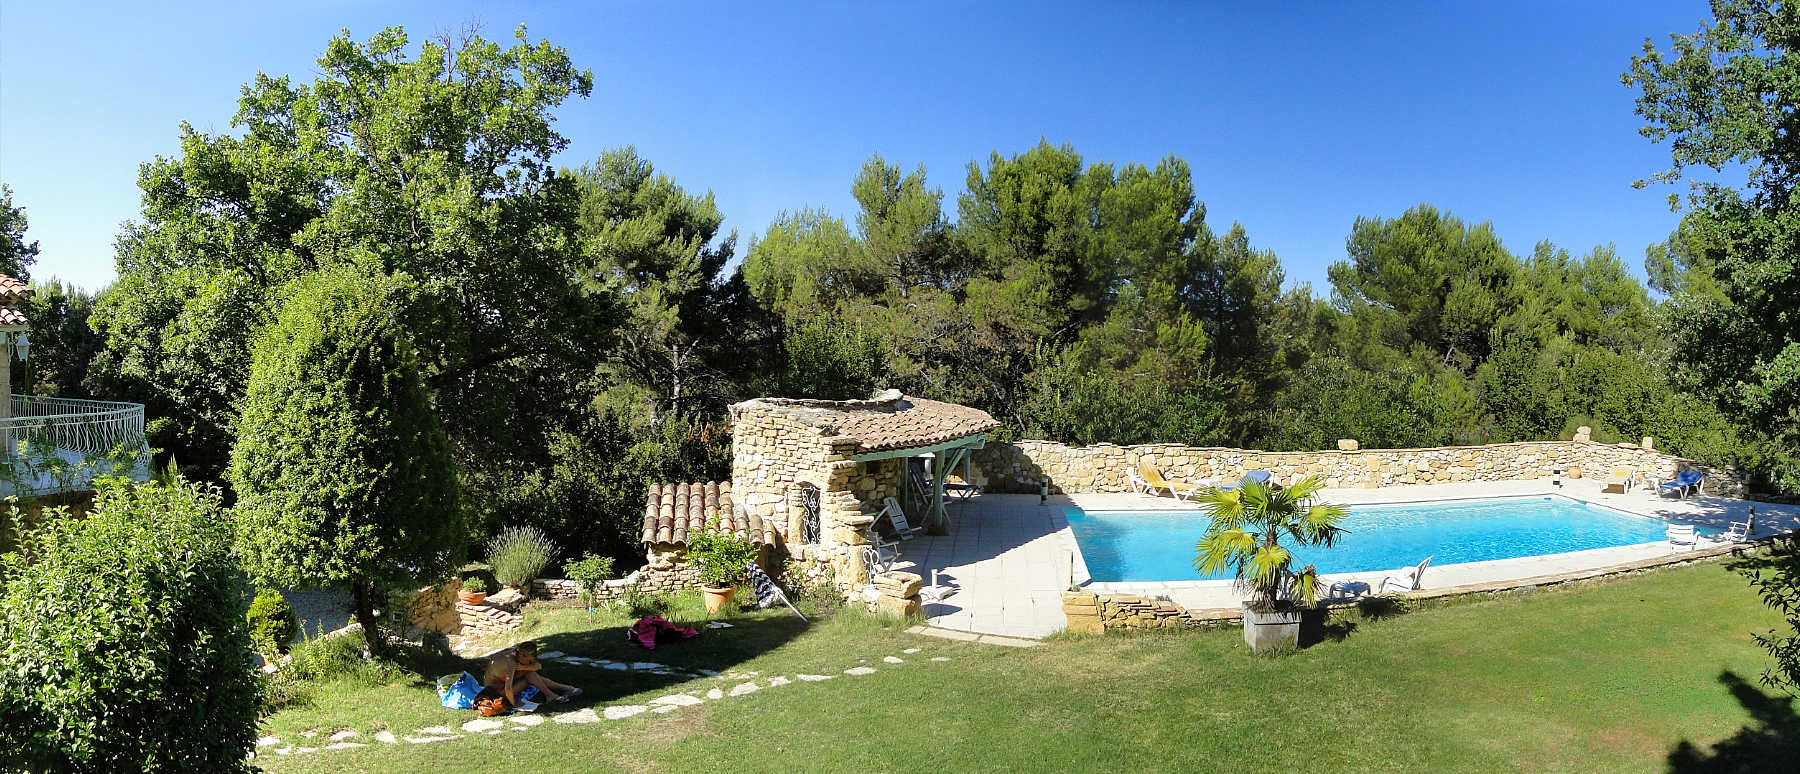 Guest House Near Aix En Provence Le Mas Des Chenes